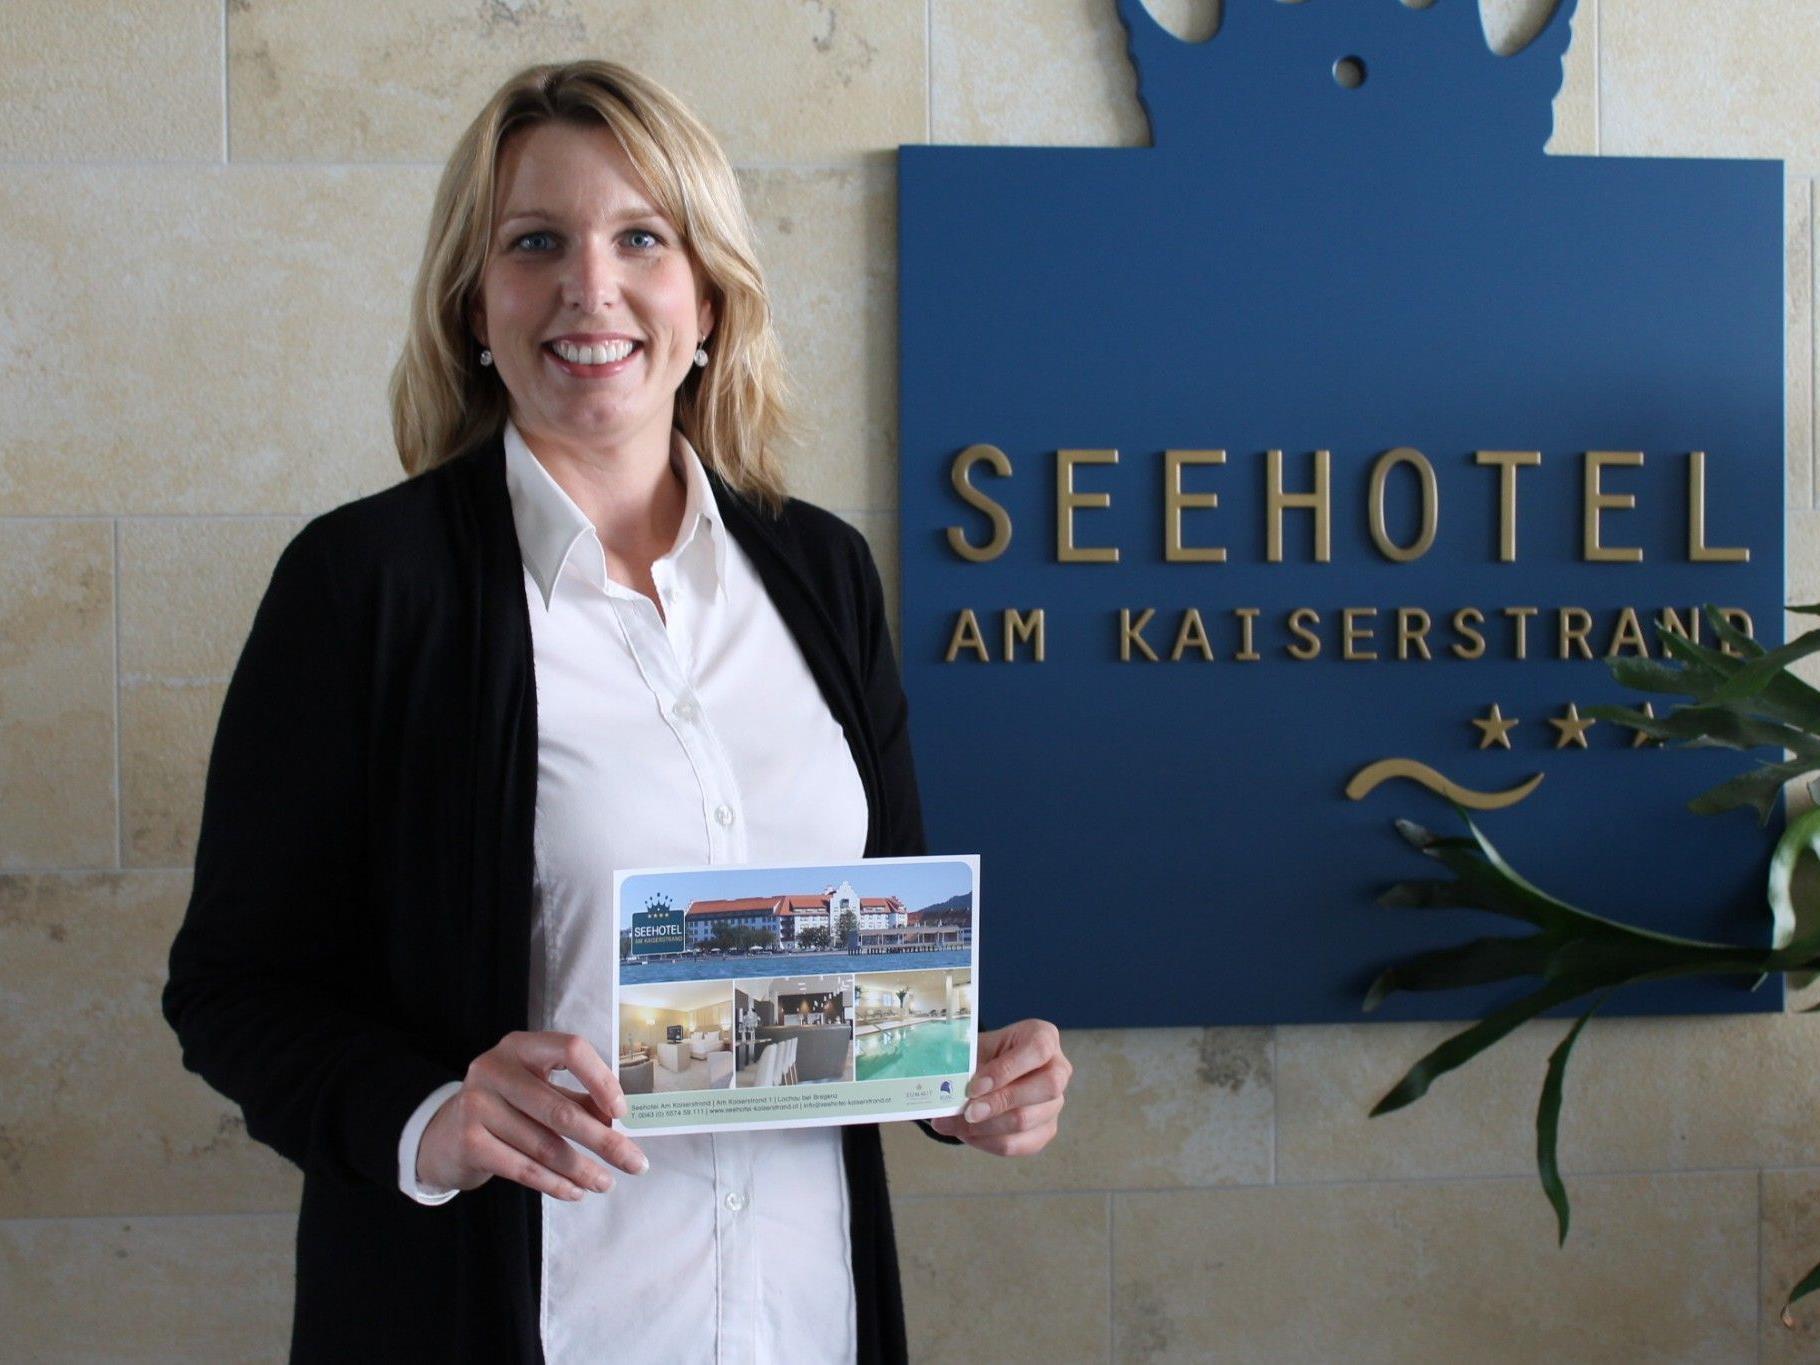 Annette Mätzler, Marketingleiterin des Seehotels am Kaiserstrand, freut sich bereits auf die Gewinner des VOL.AT Sommergewinnspieles.